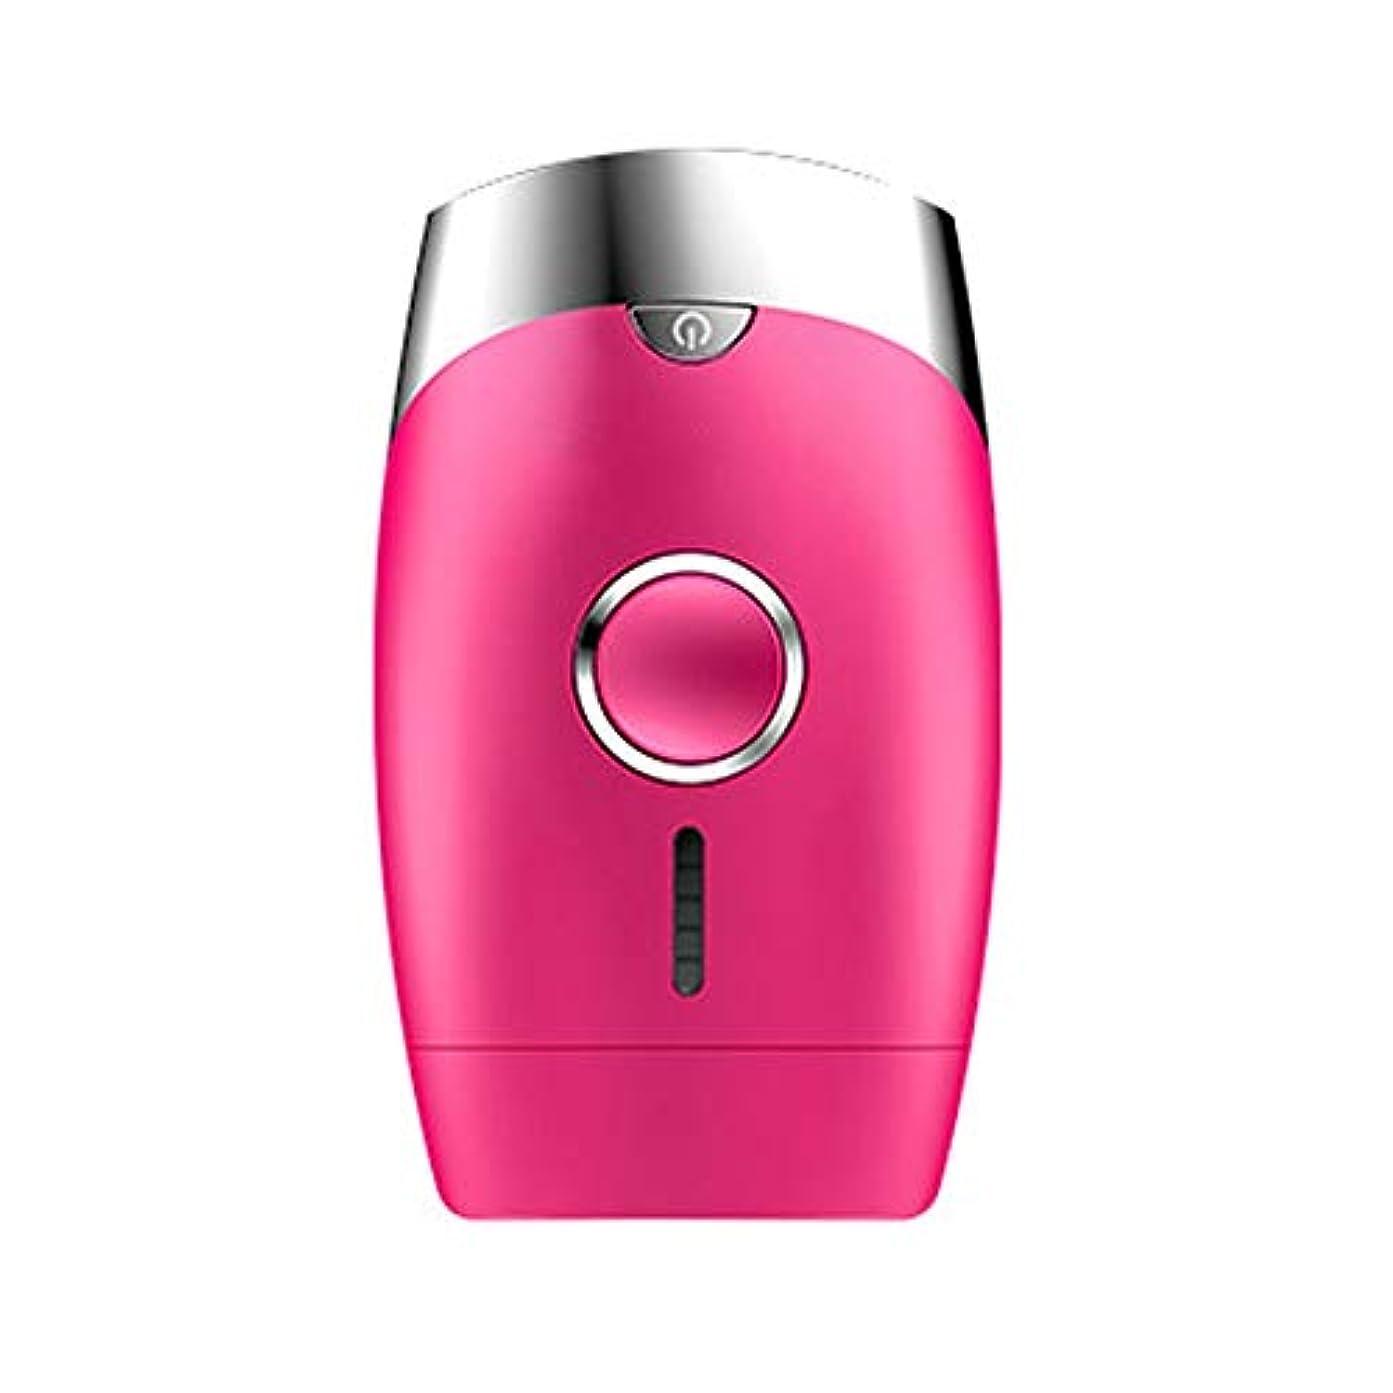 力読書トイレダパイ ピンク、5スピード調整、インテリジェント家庭用痛みのない凝固点ヘアリムーバー、シングルフラッシュ/連続フラッシュ、サイズ13.9 X 8.3 X 4.8 Cm U546 (Color : Pink)